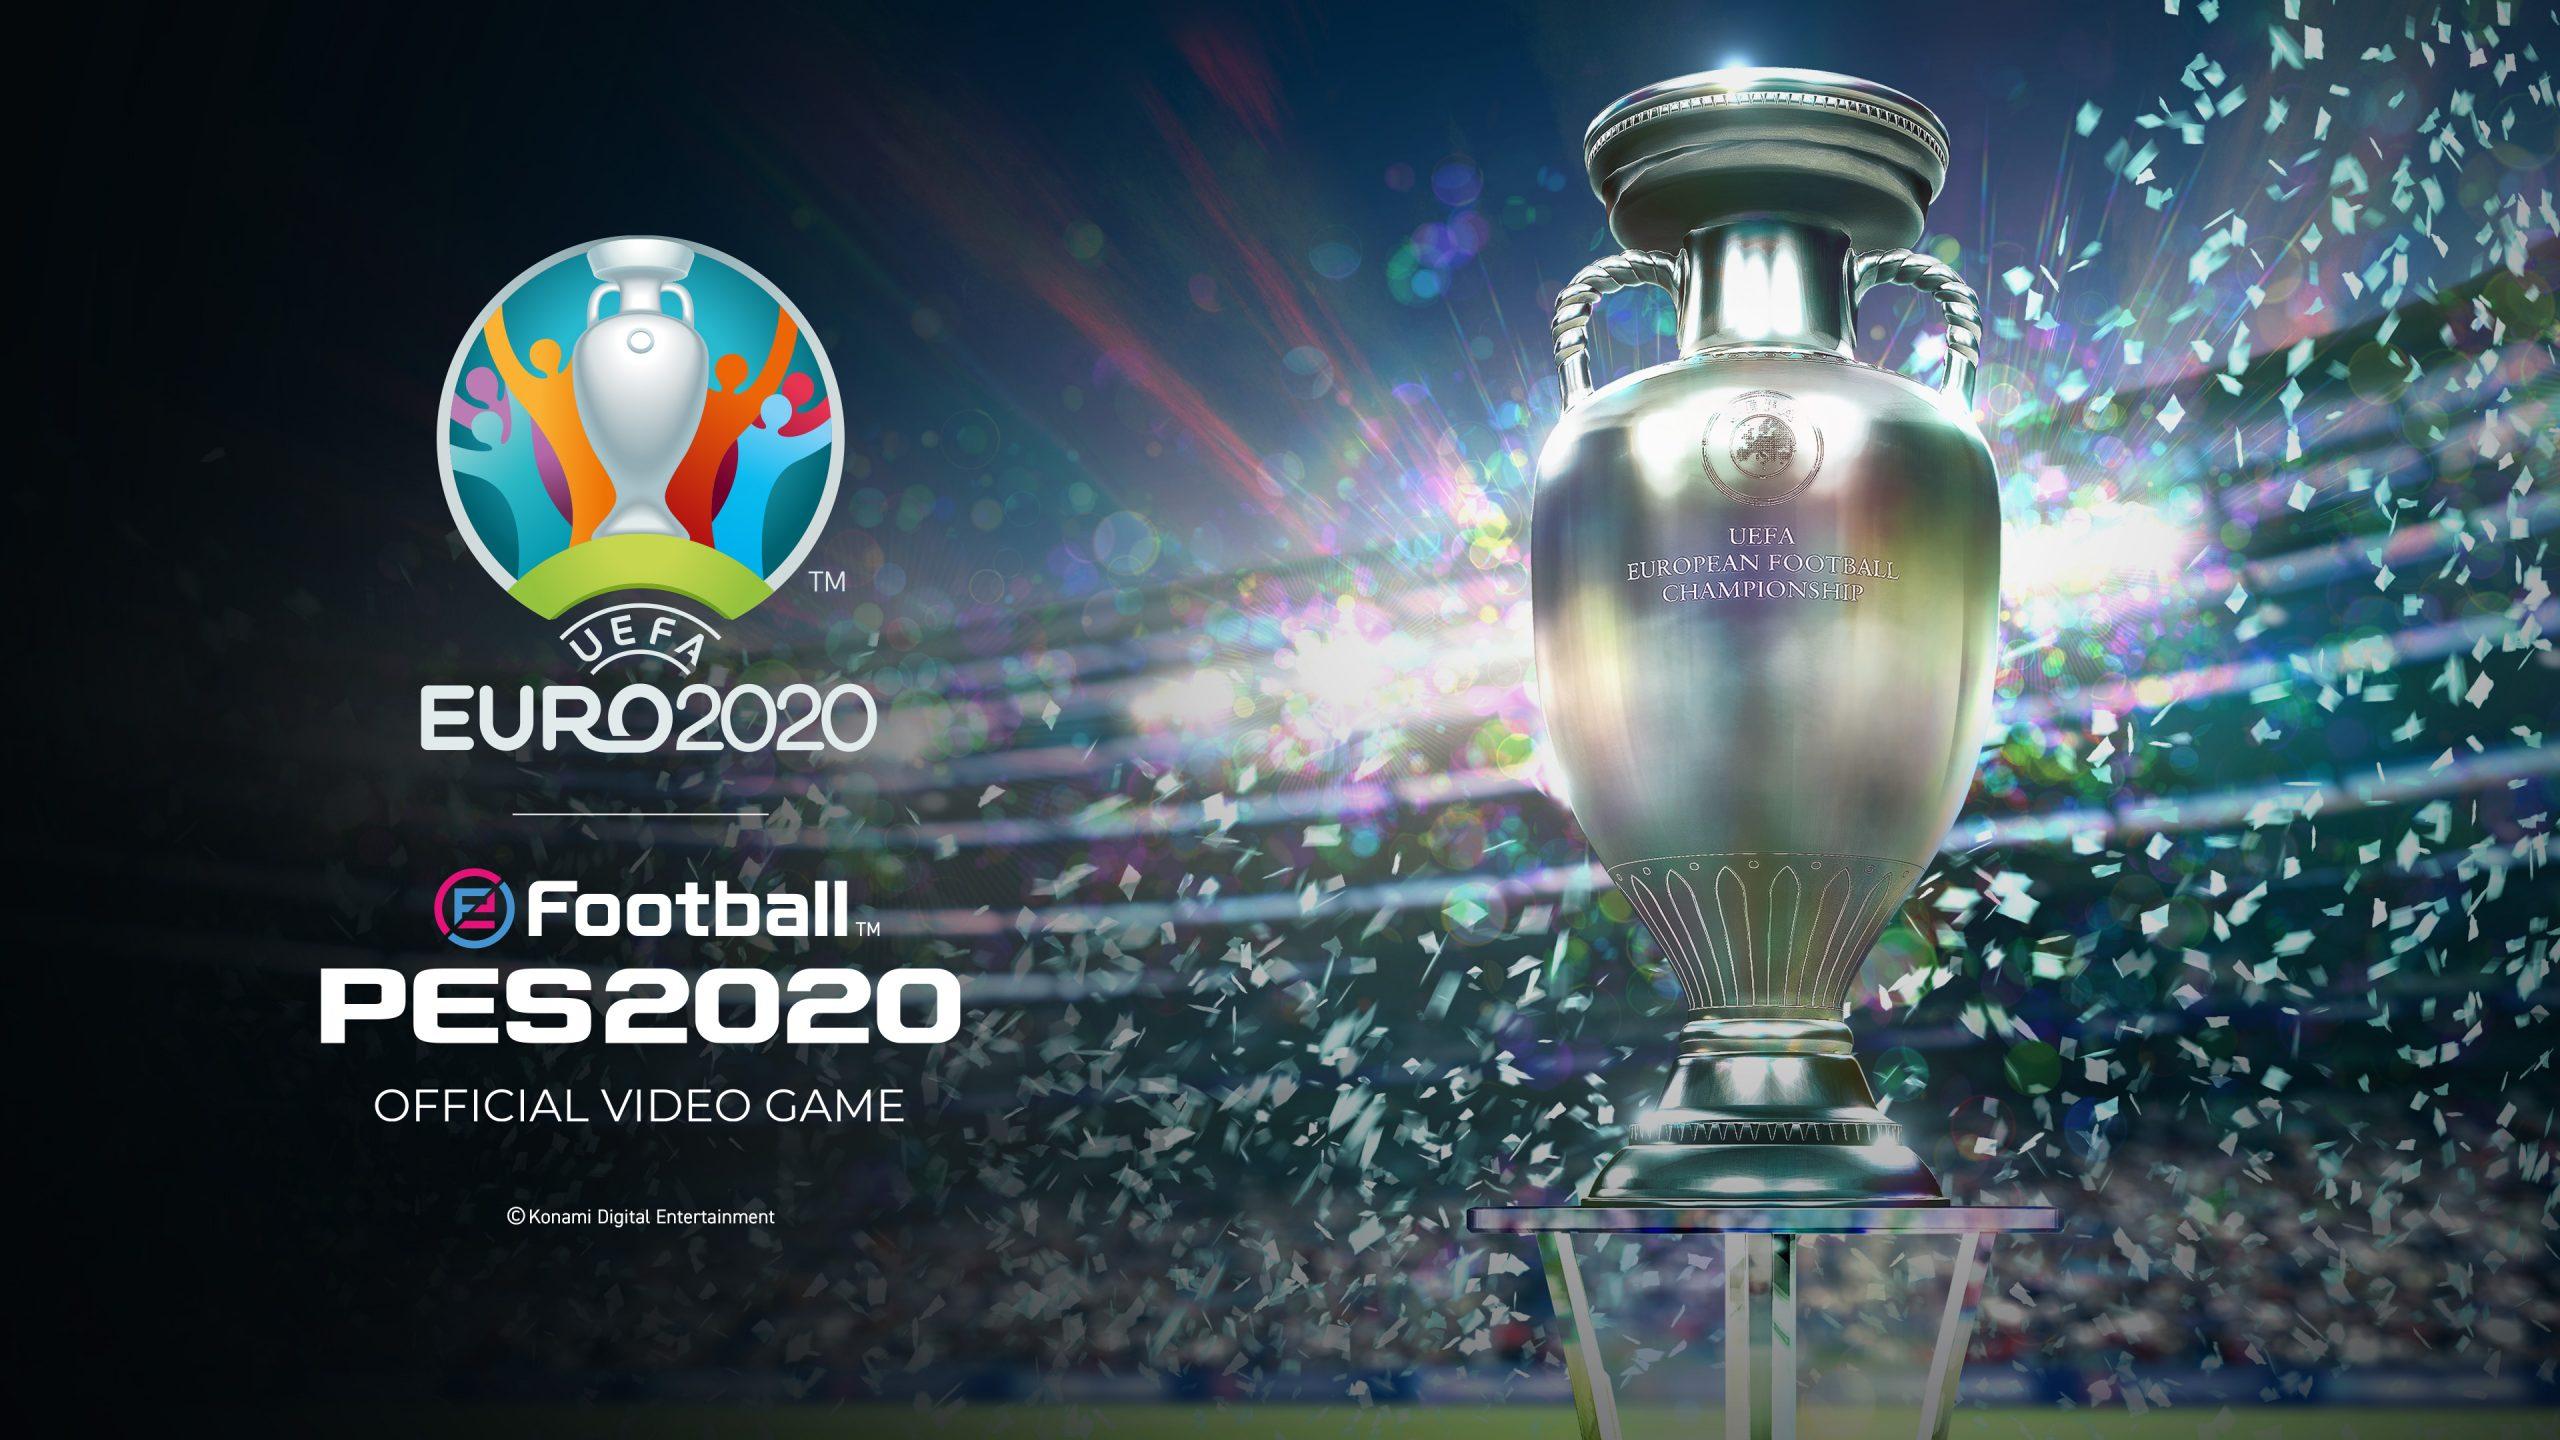 L'aggiornamento di eFootball PES 2020 sarà disponibile il mese prossimo thumbnail